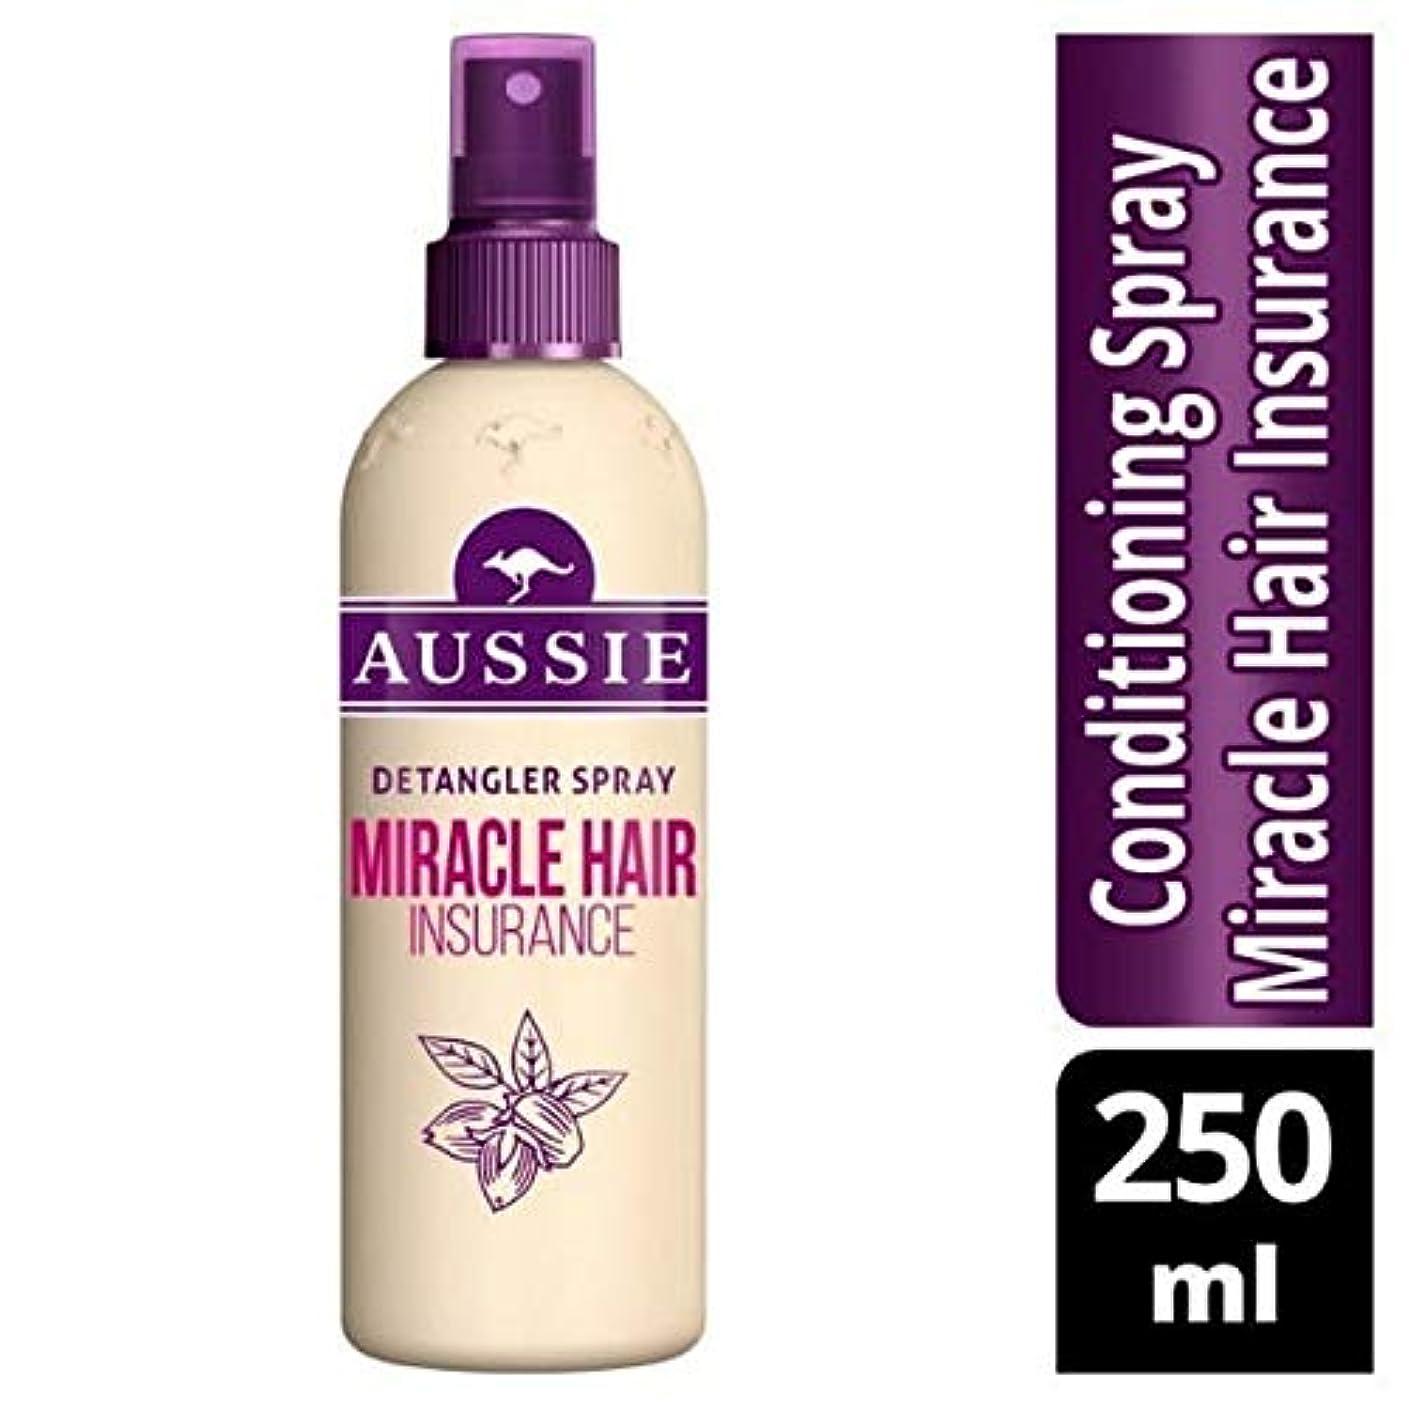 ティッシュ免疫する貸す[Aussie ] オーストラリアの奇跡髪保険Detanglerスプレー250ミリリットル - Aussie Miracle Hair Insurance Detangler Spray 250ml [並行輸入品]